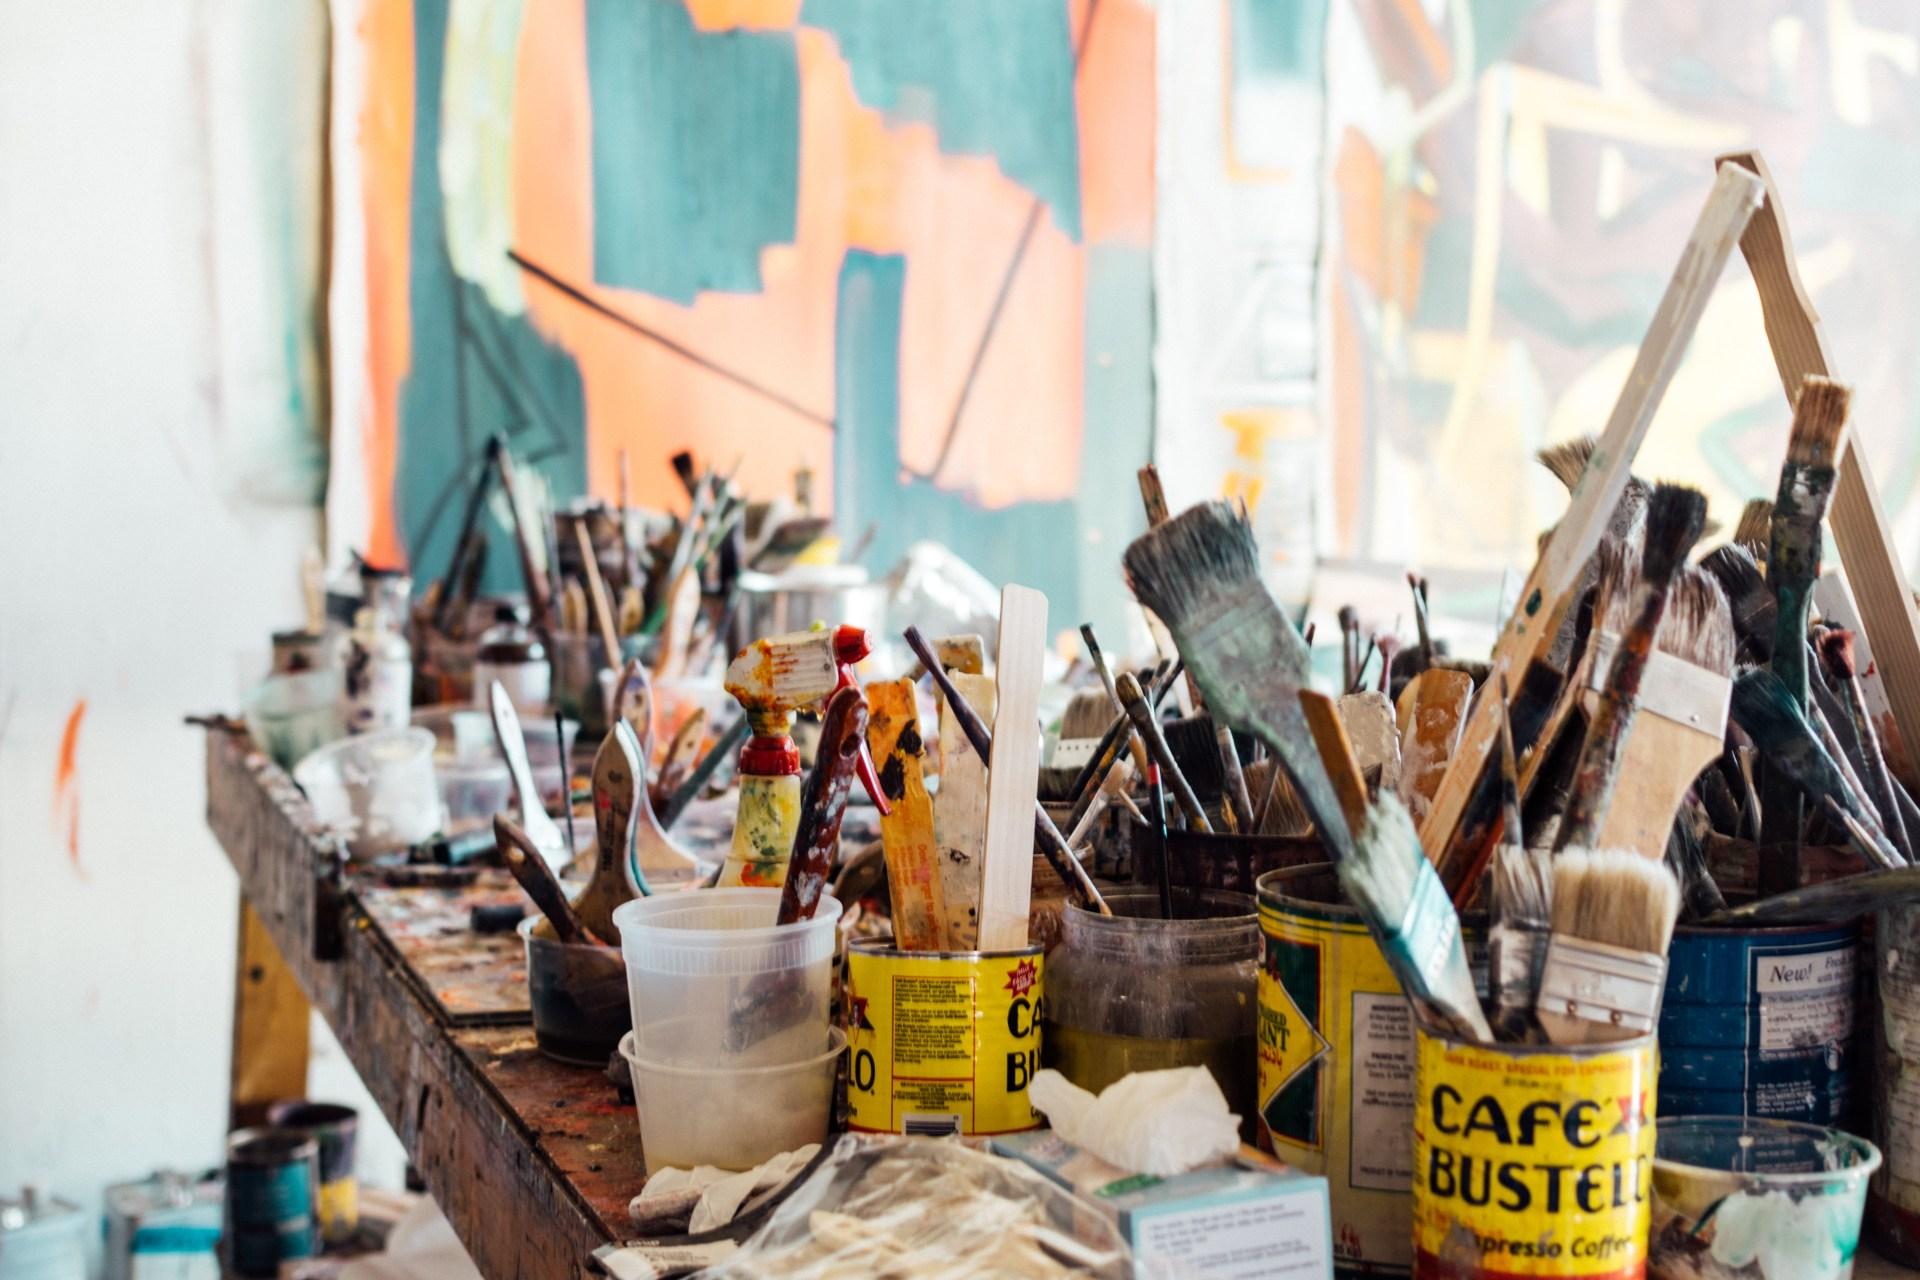 Art supplies clutter